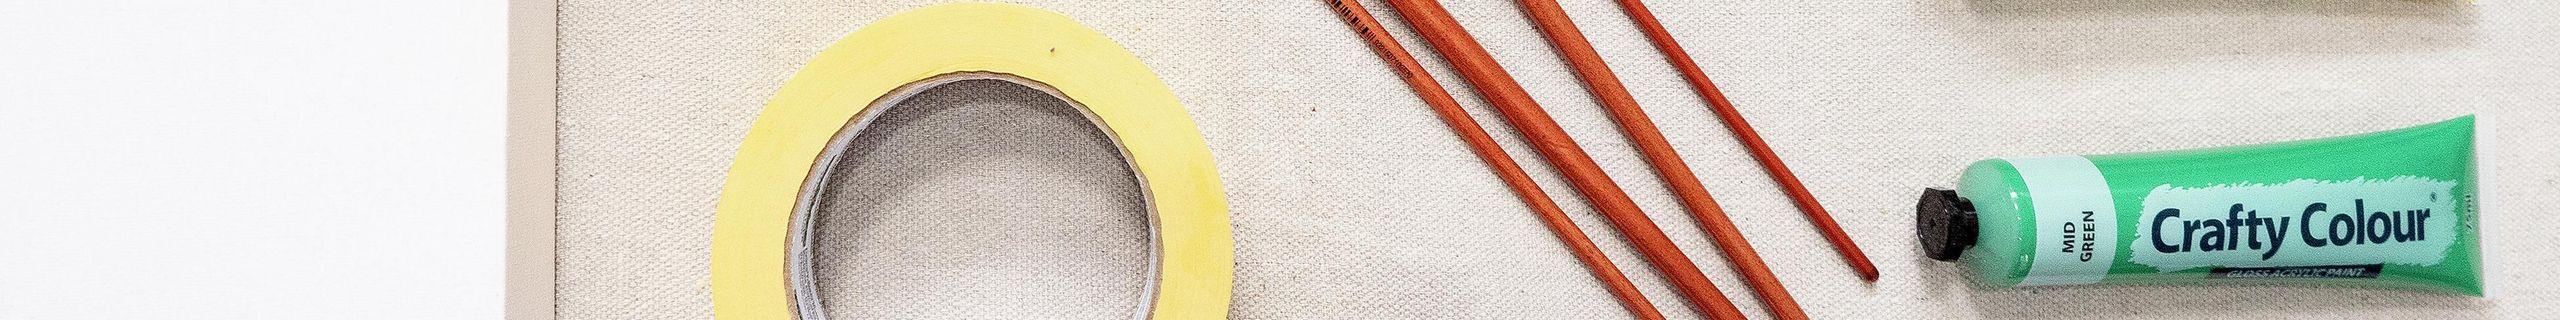 Flatlay of craft materials.